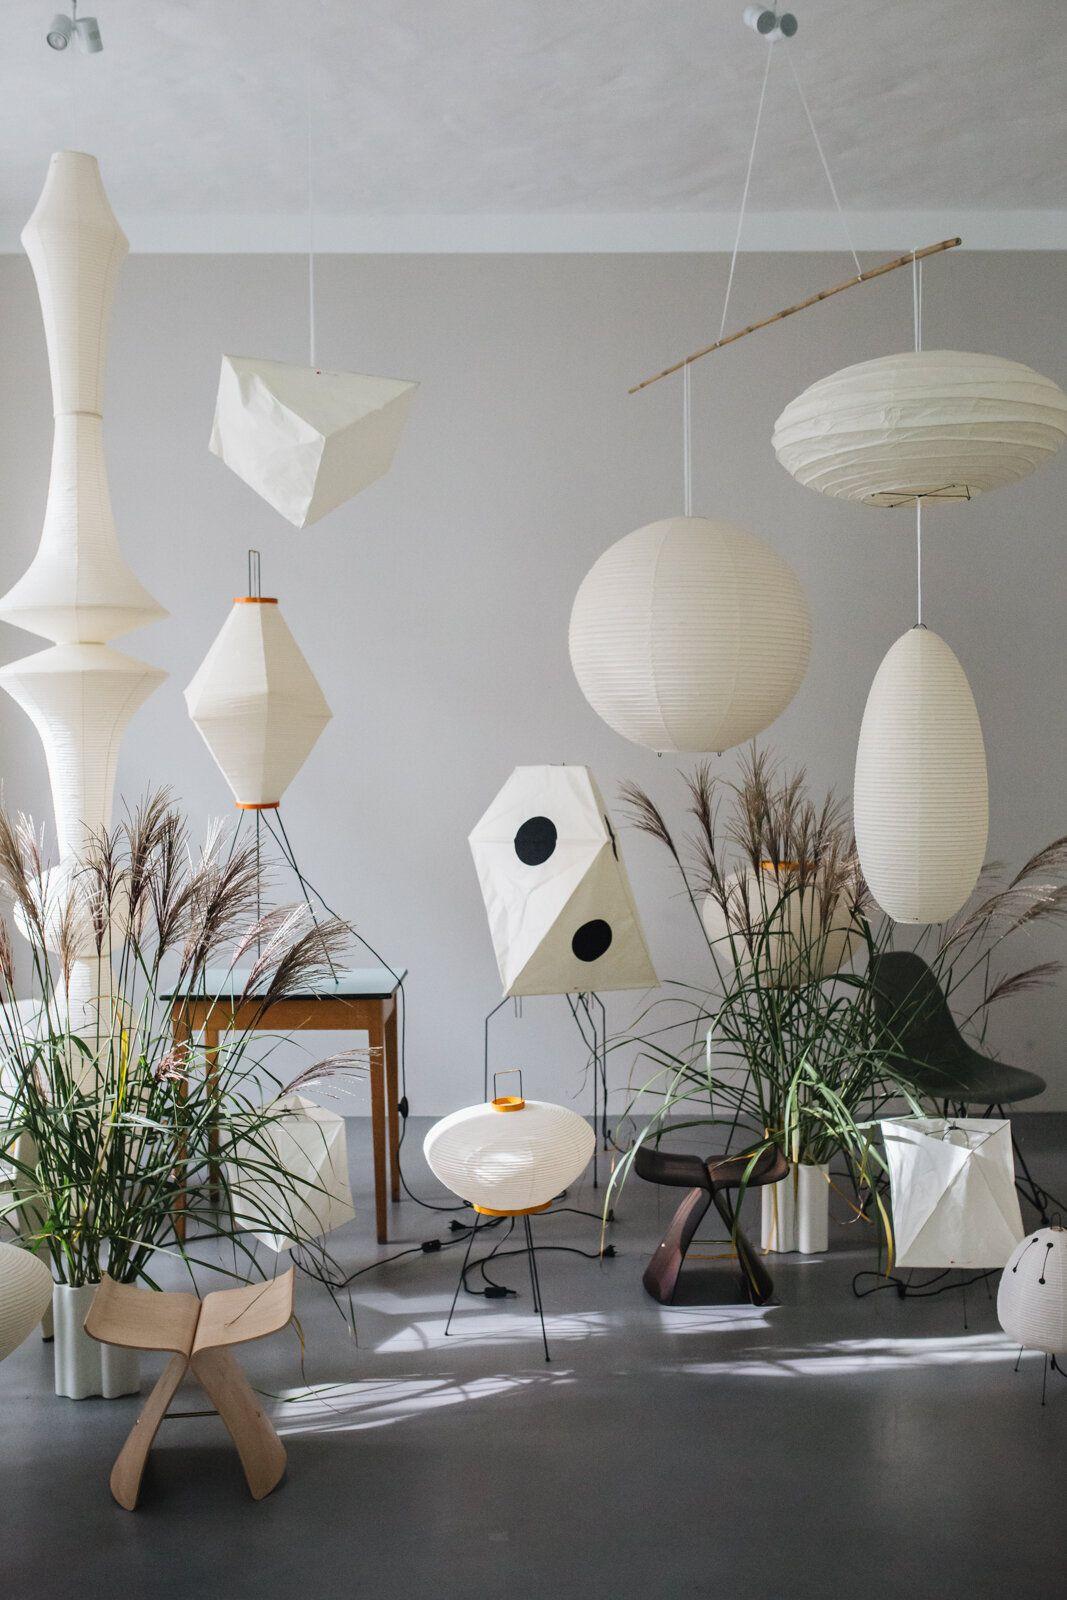 Vitra Event Akari Leuchten Berlin Herz Und Blut Interior Design Lifestyle Travel Blog Inneneinrichtung Design Leuchten